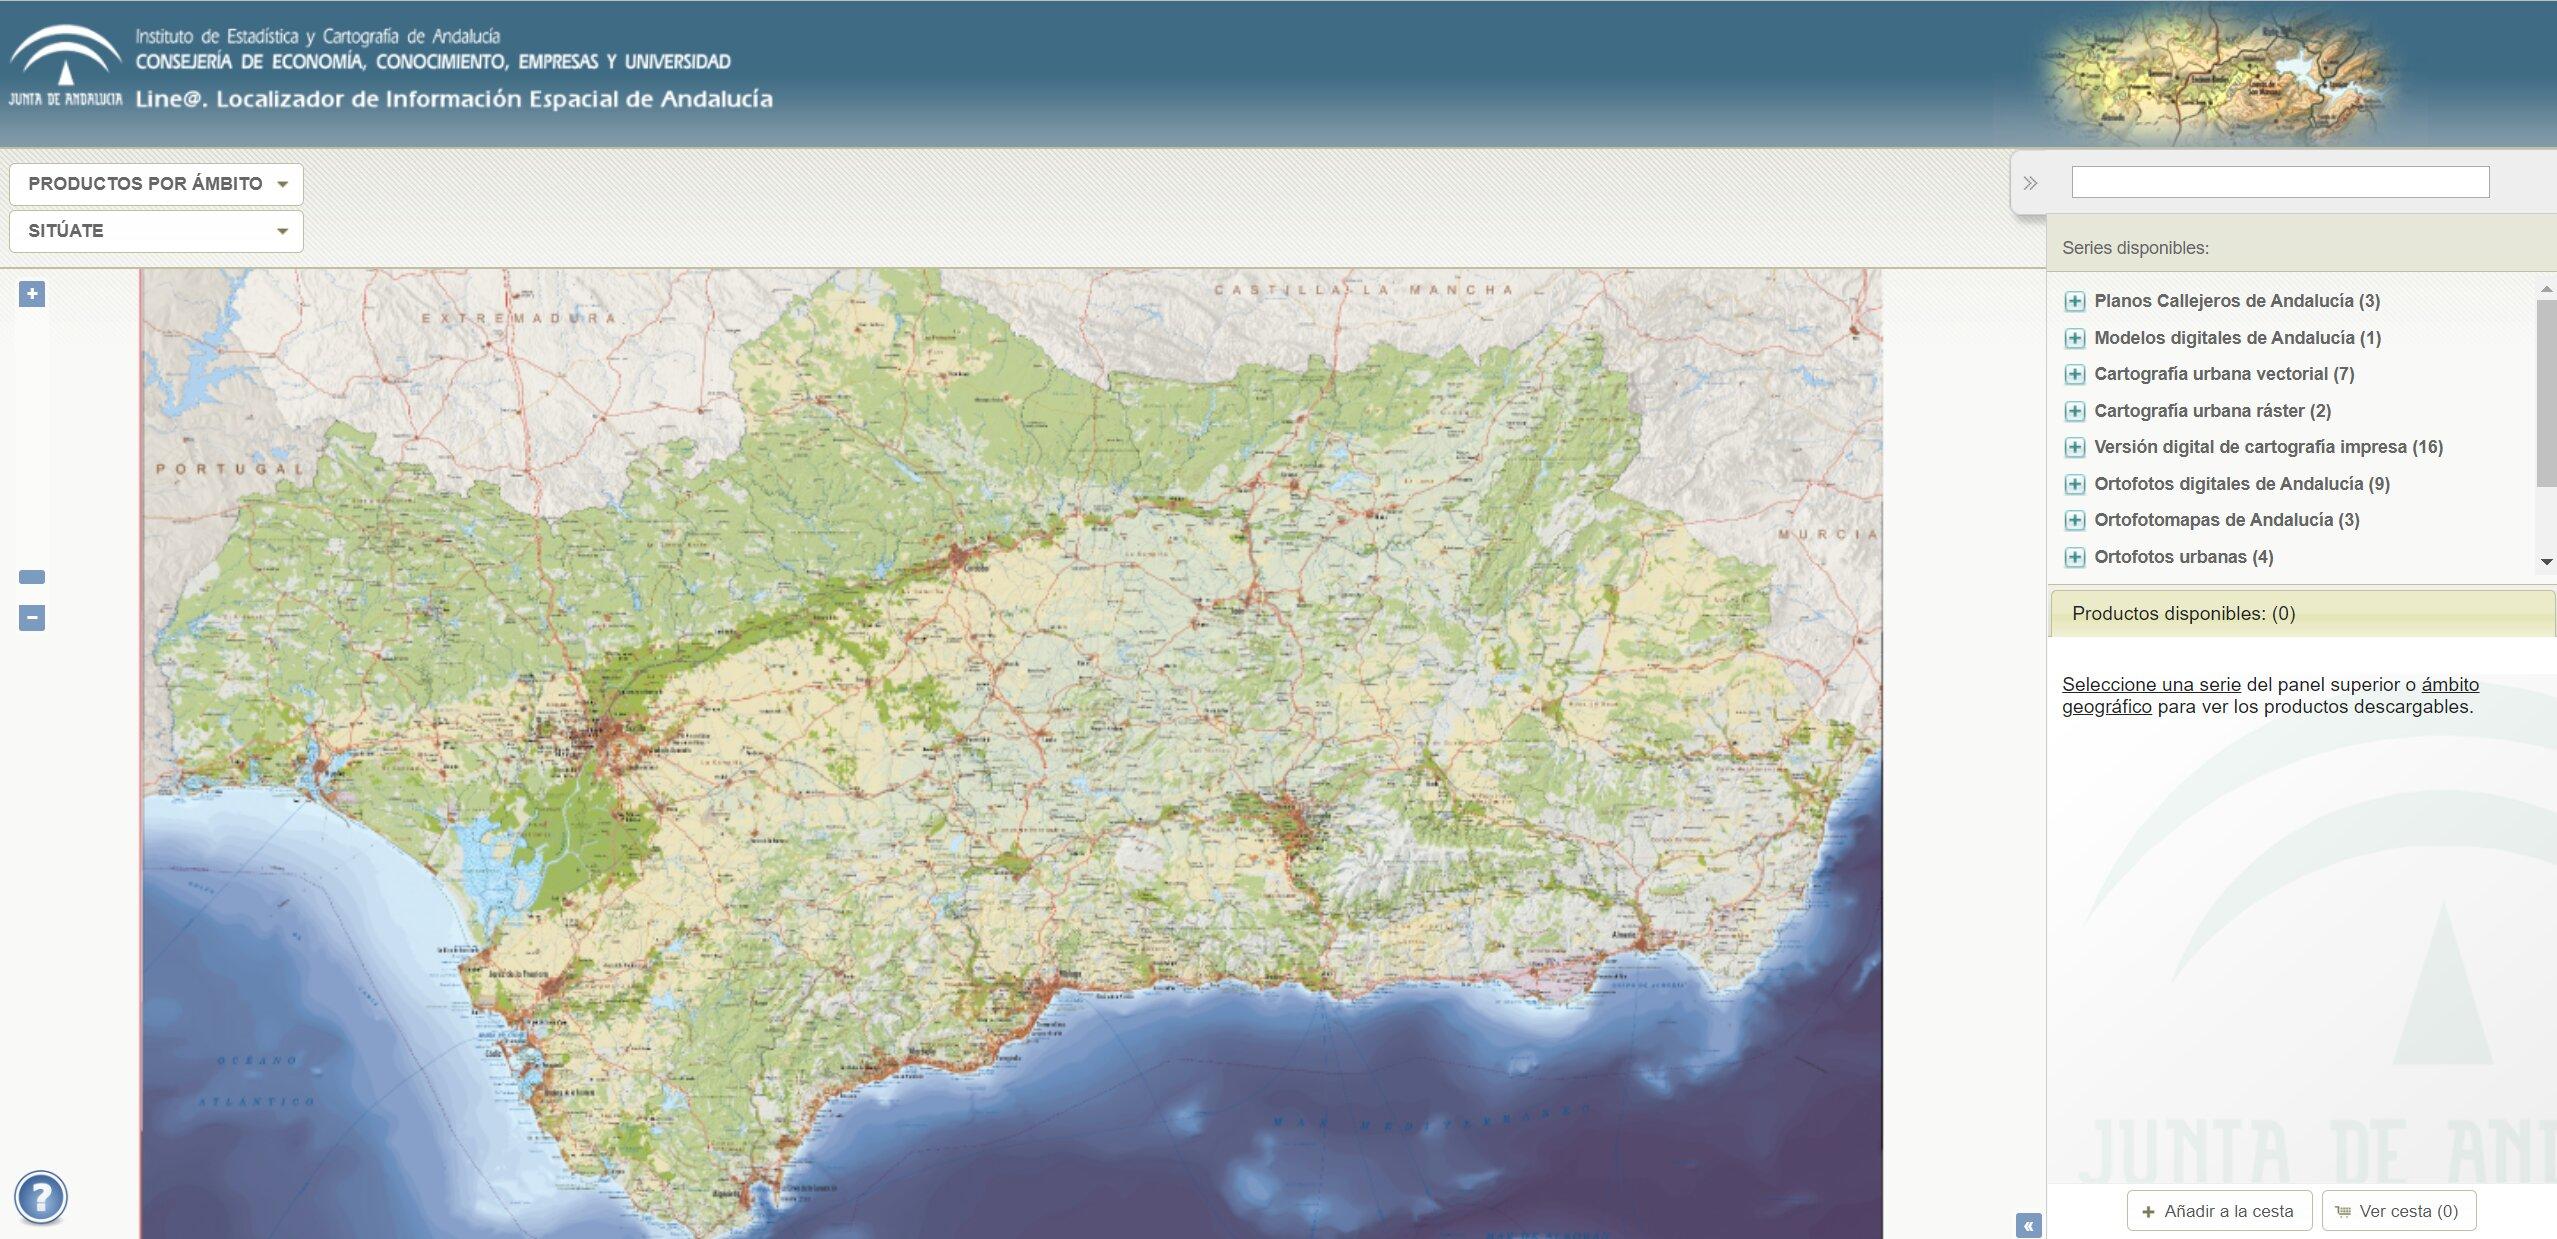 Localizador de Información Espacial de Andalucía